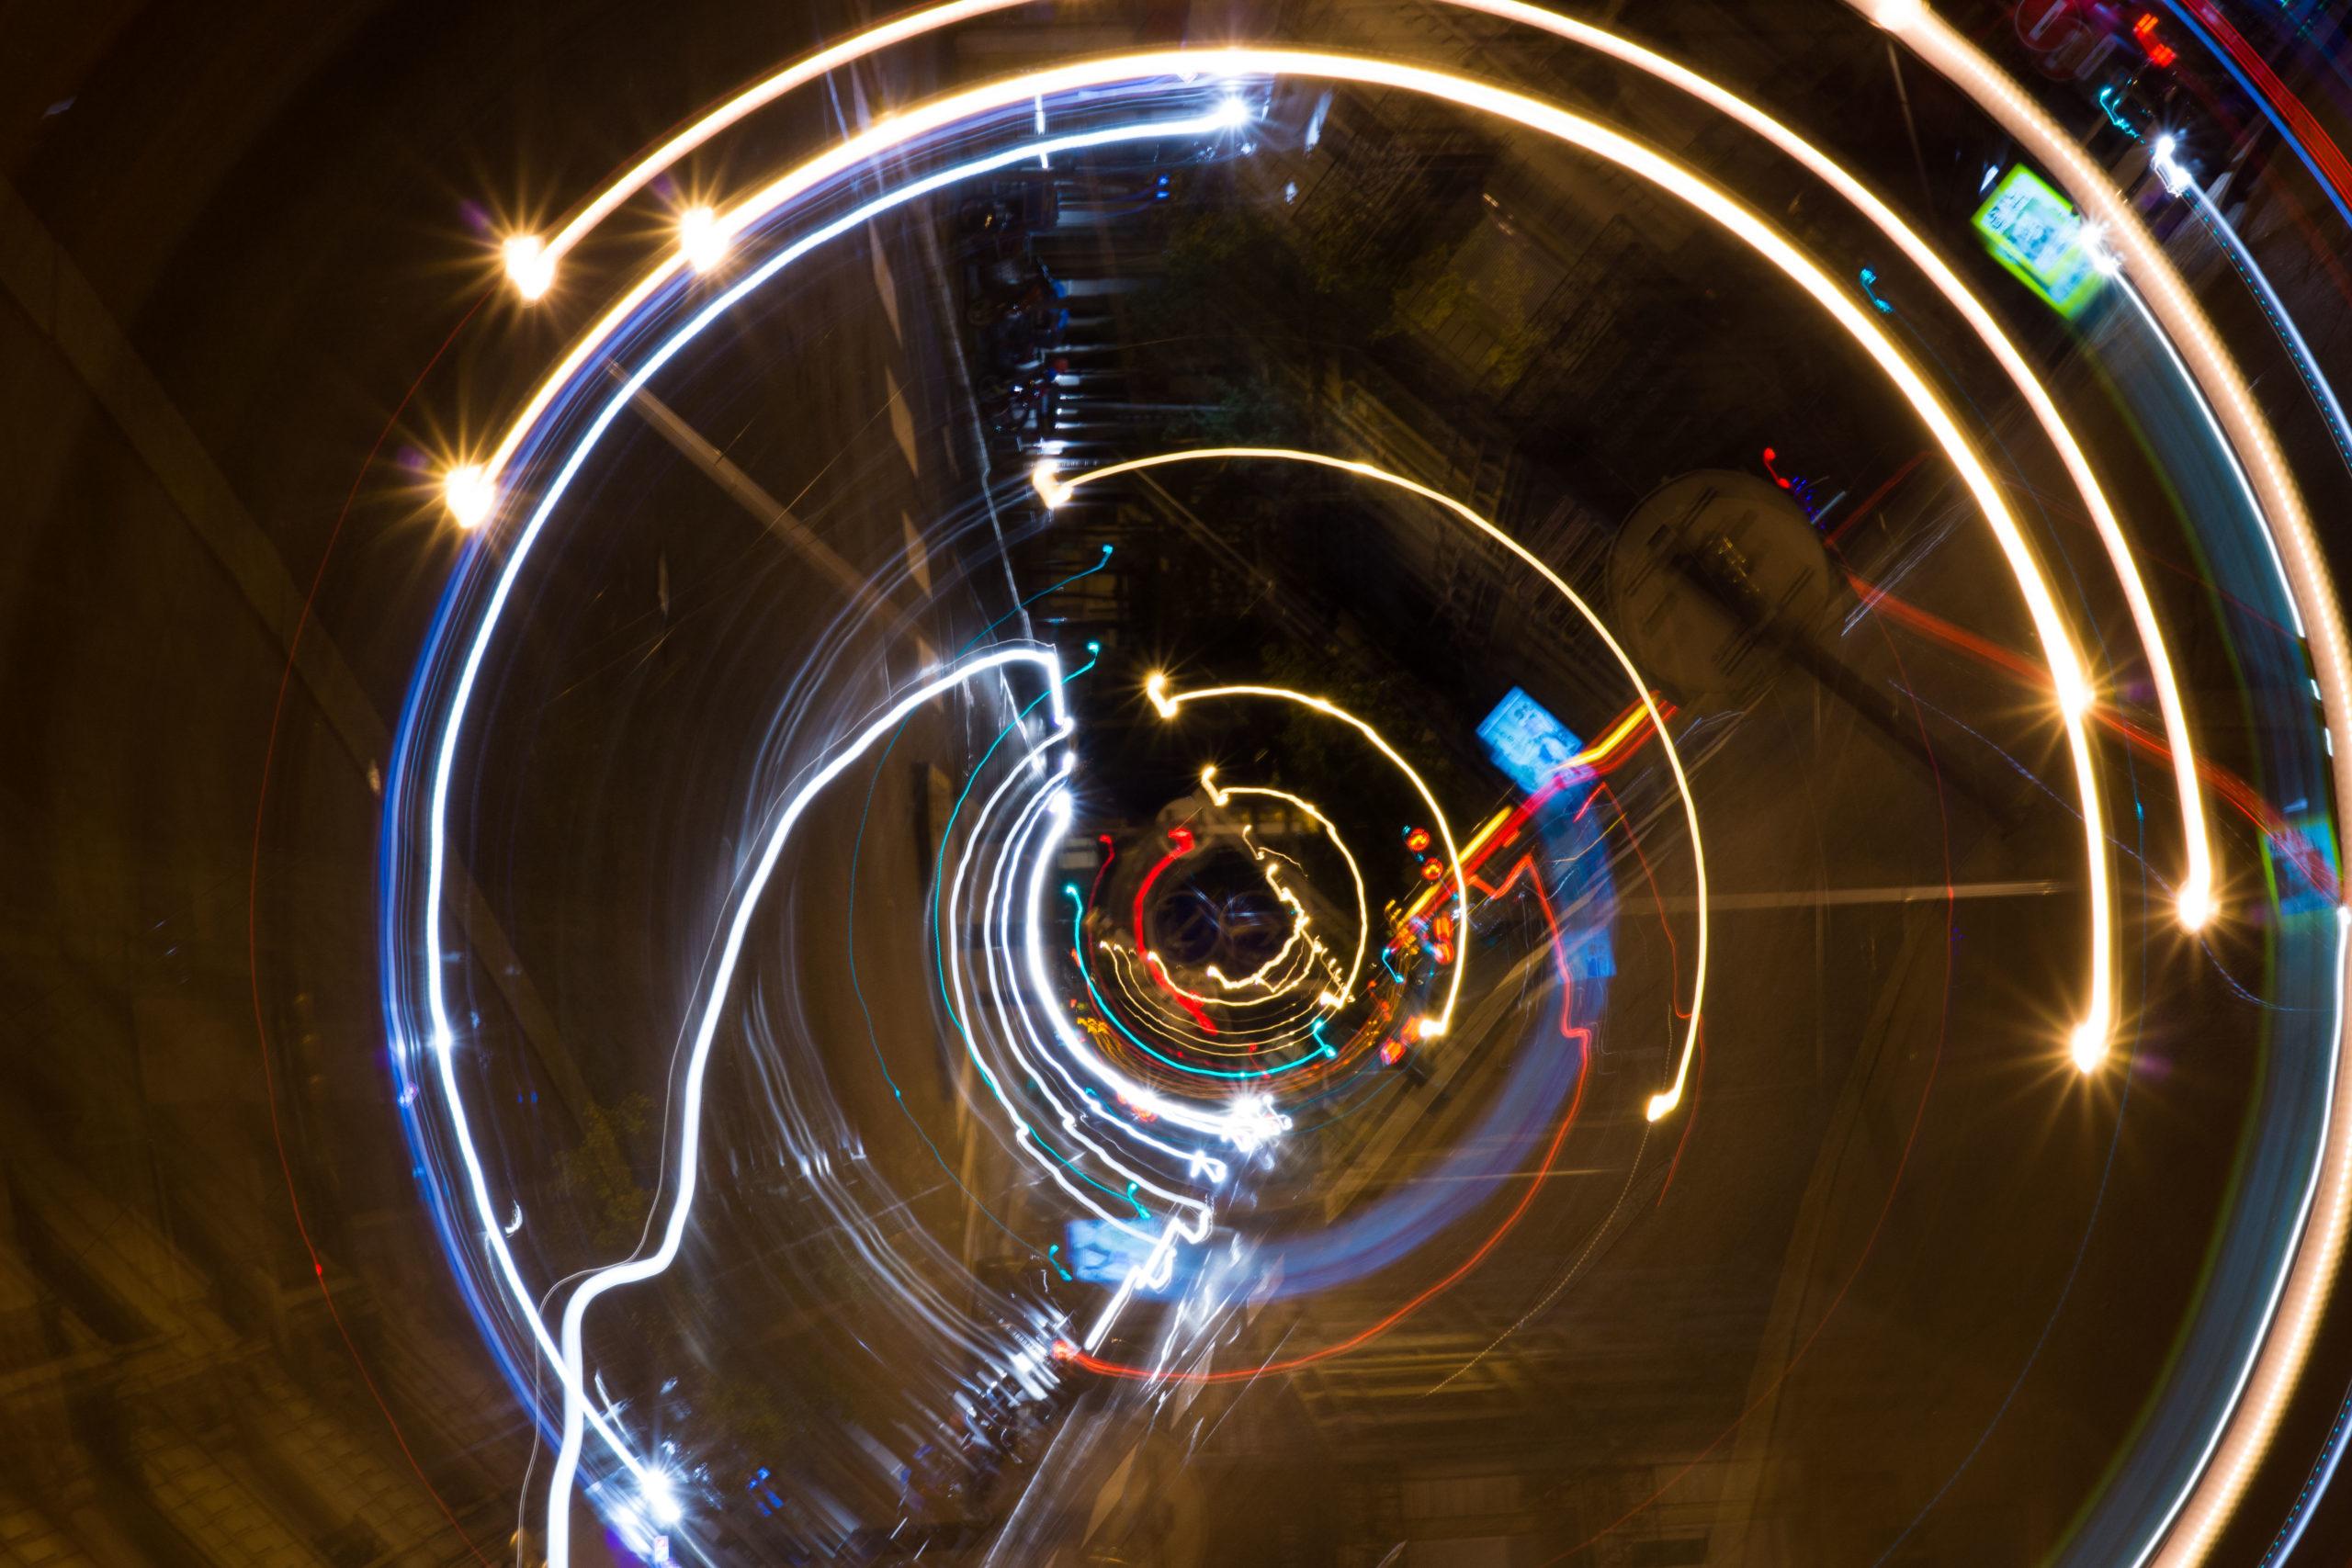 Eye of lights